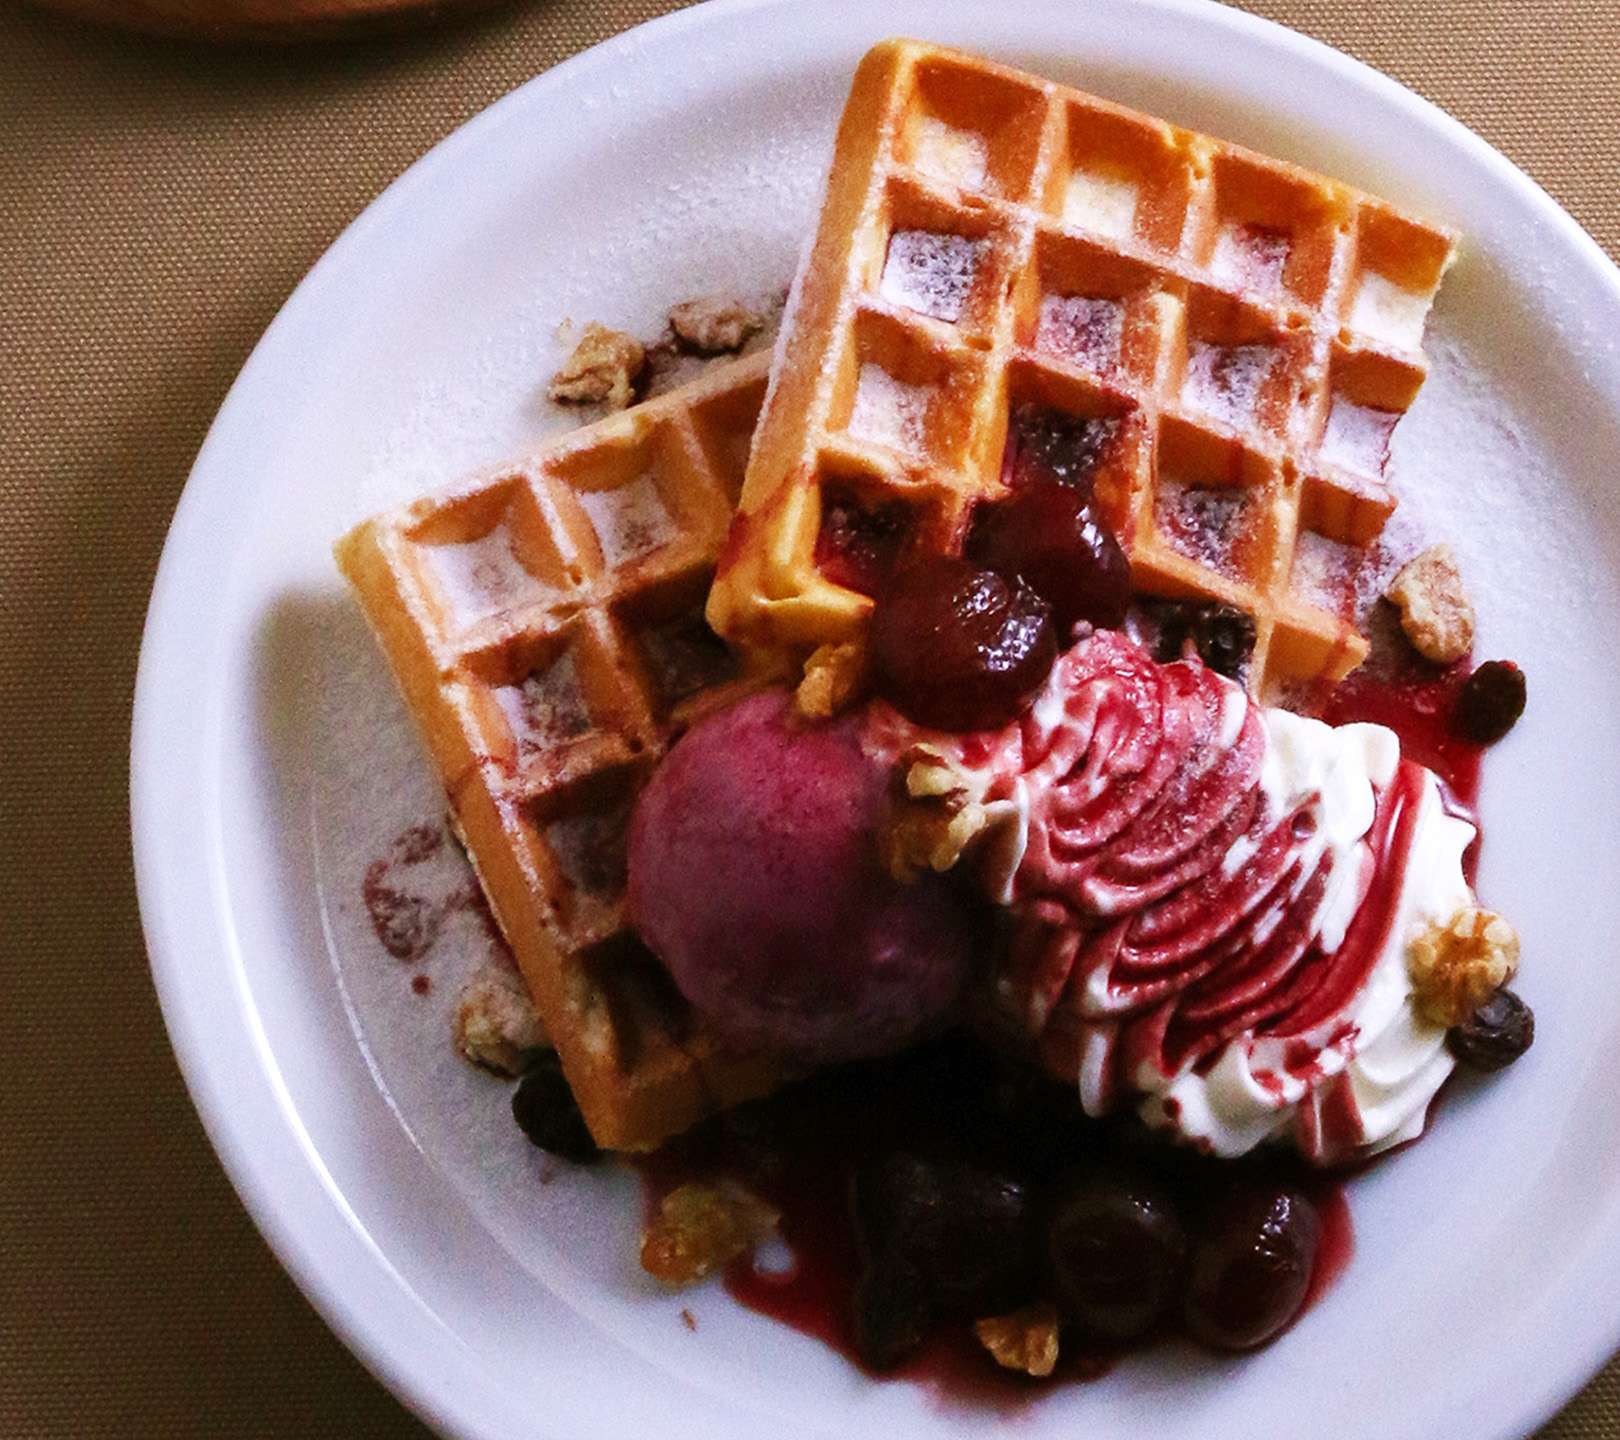 ぶどうの赤ワインコンポートとチーズクリームのワッフル